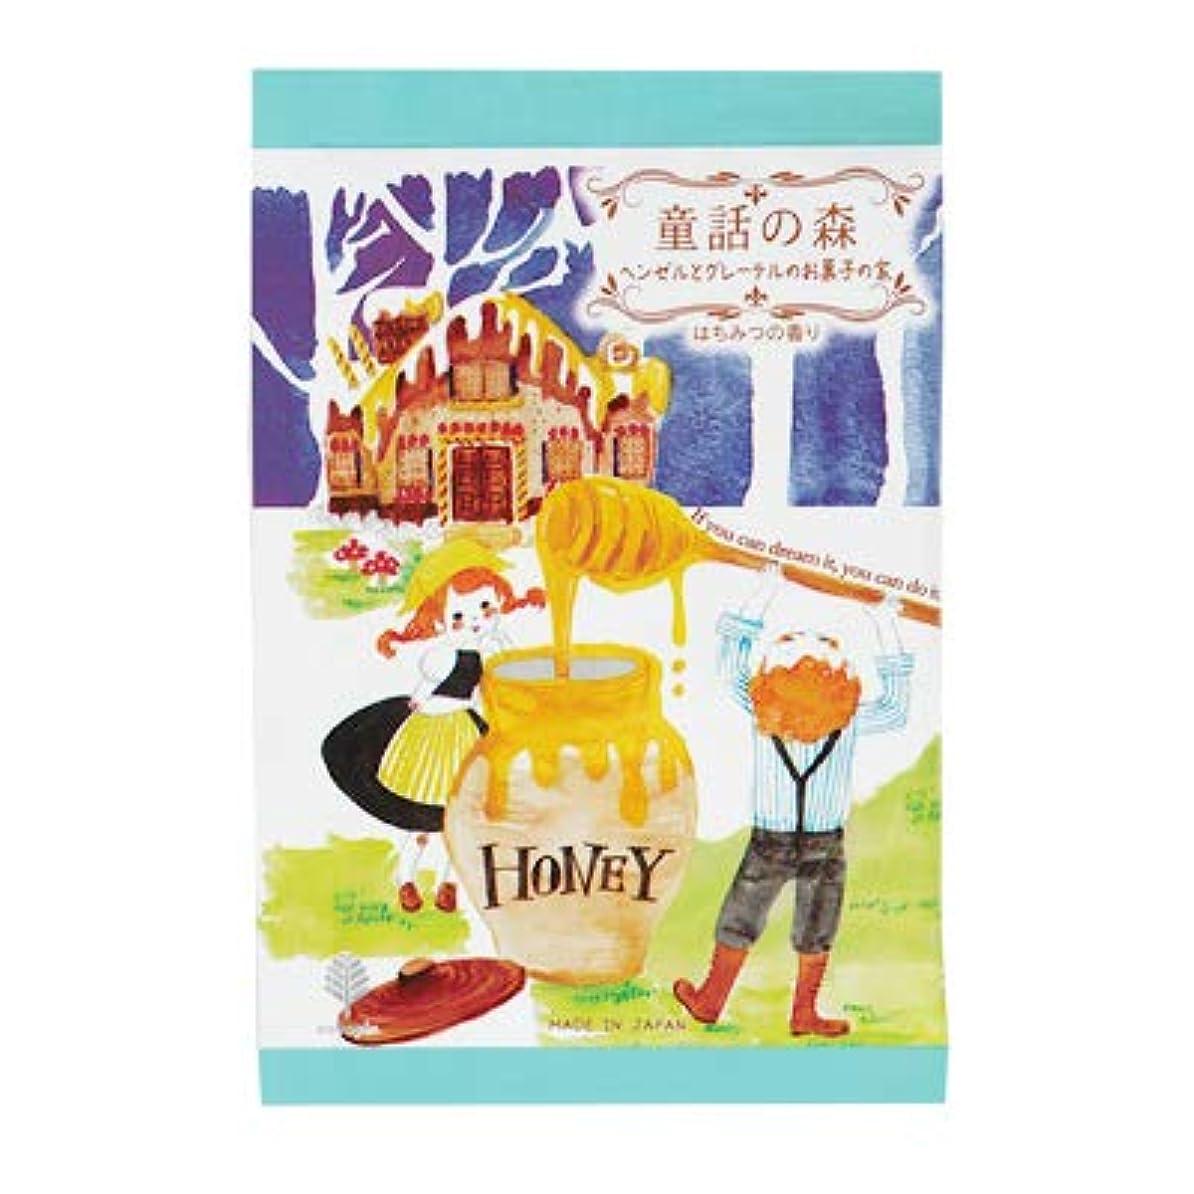 哲学博士予算好戦的な【まとめ買い6個セット】 童話の森 ヘンゼルとグレーテルのお菓子の家